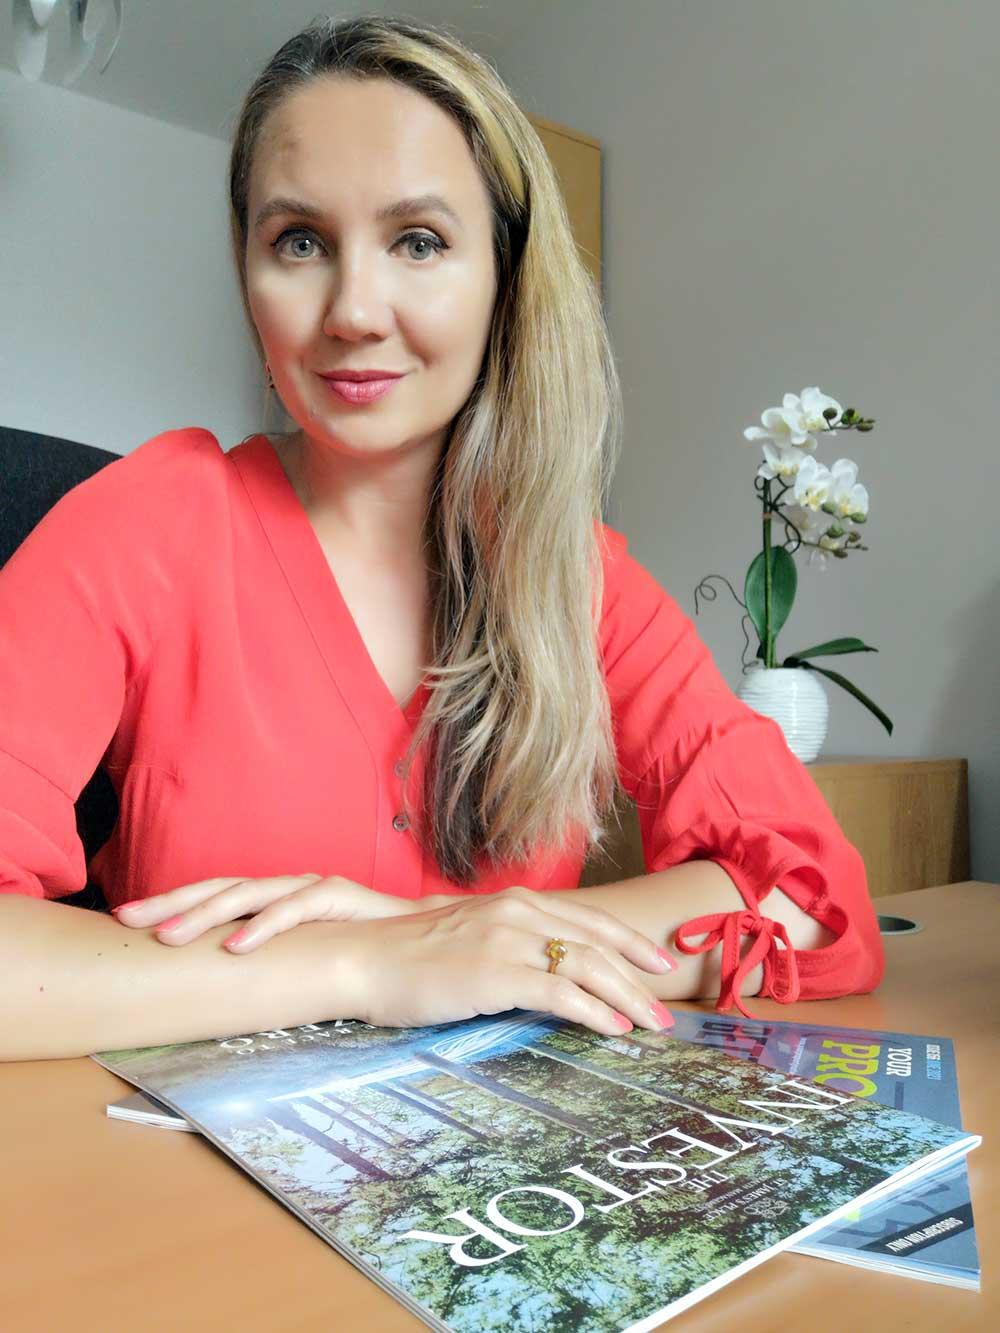 Анна Олсен: воплощайте свои мечты, или будете вынуждены воплощать чужие